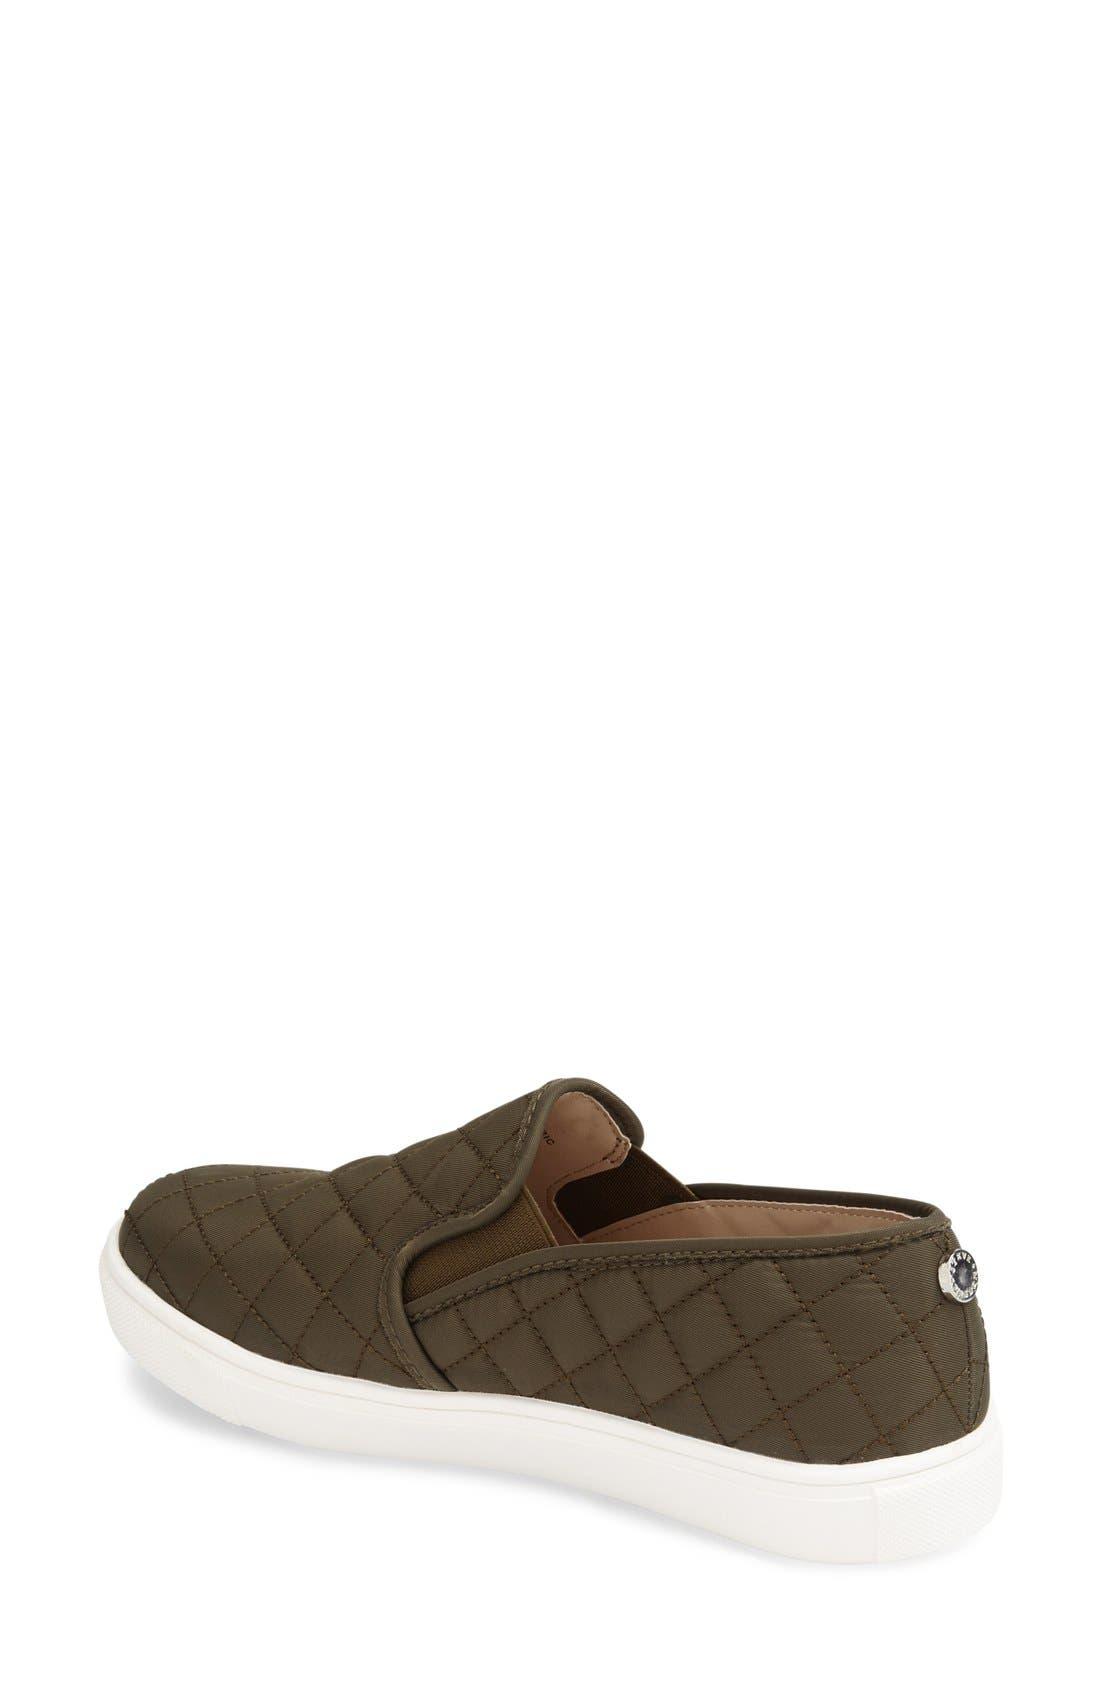 STEVE MADDEN,                             'Ecntrcqt' Sneaker,                             Alternate thumbnail 2, color,                             300